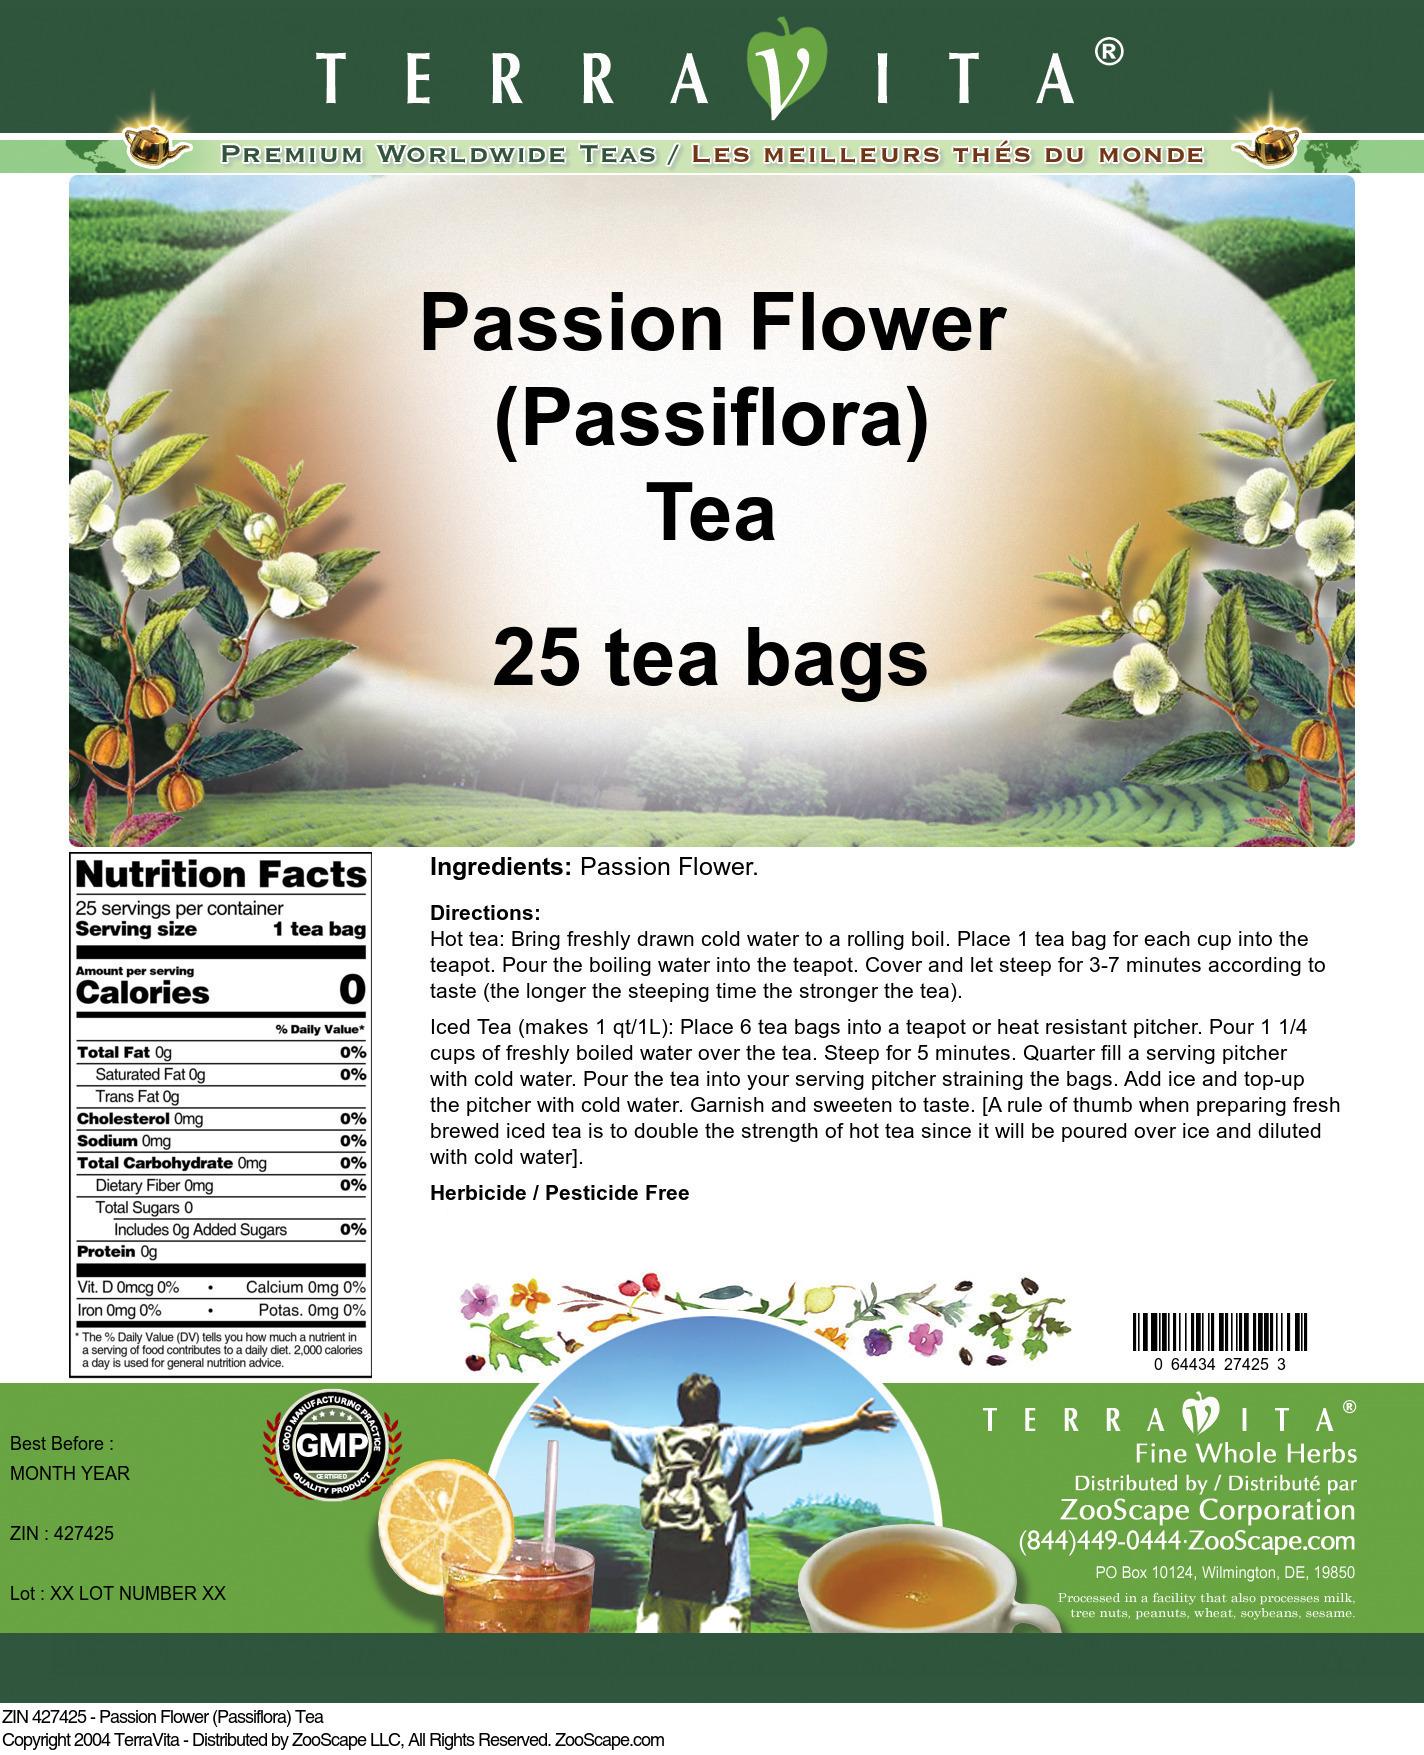 Passion Flower (Passiflora) Tea - Label